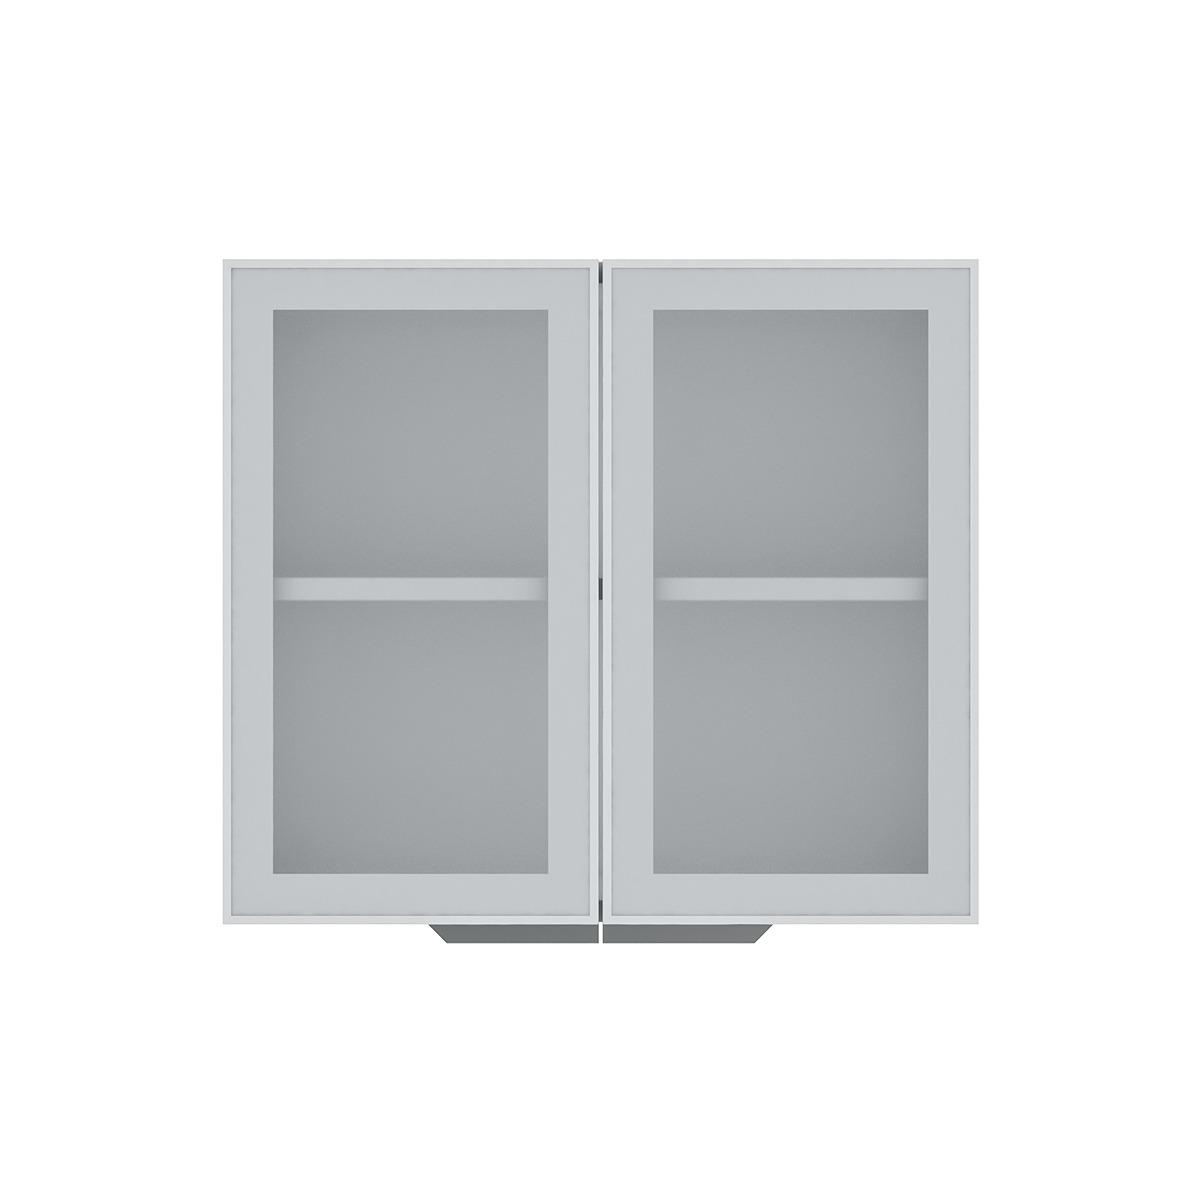 Armário de Cozinha Aéreo Colormaq Verona 2 Portas 70x80cm em Aço e Vidro